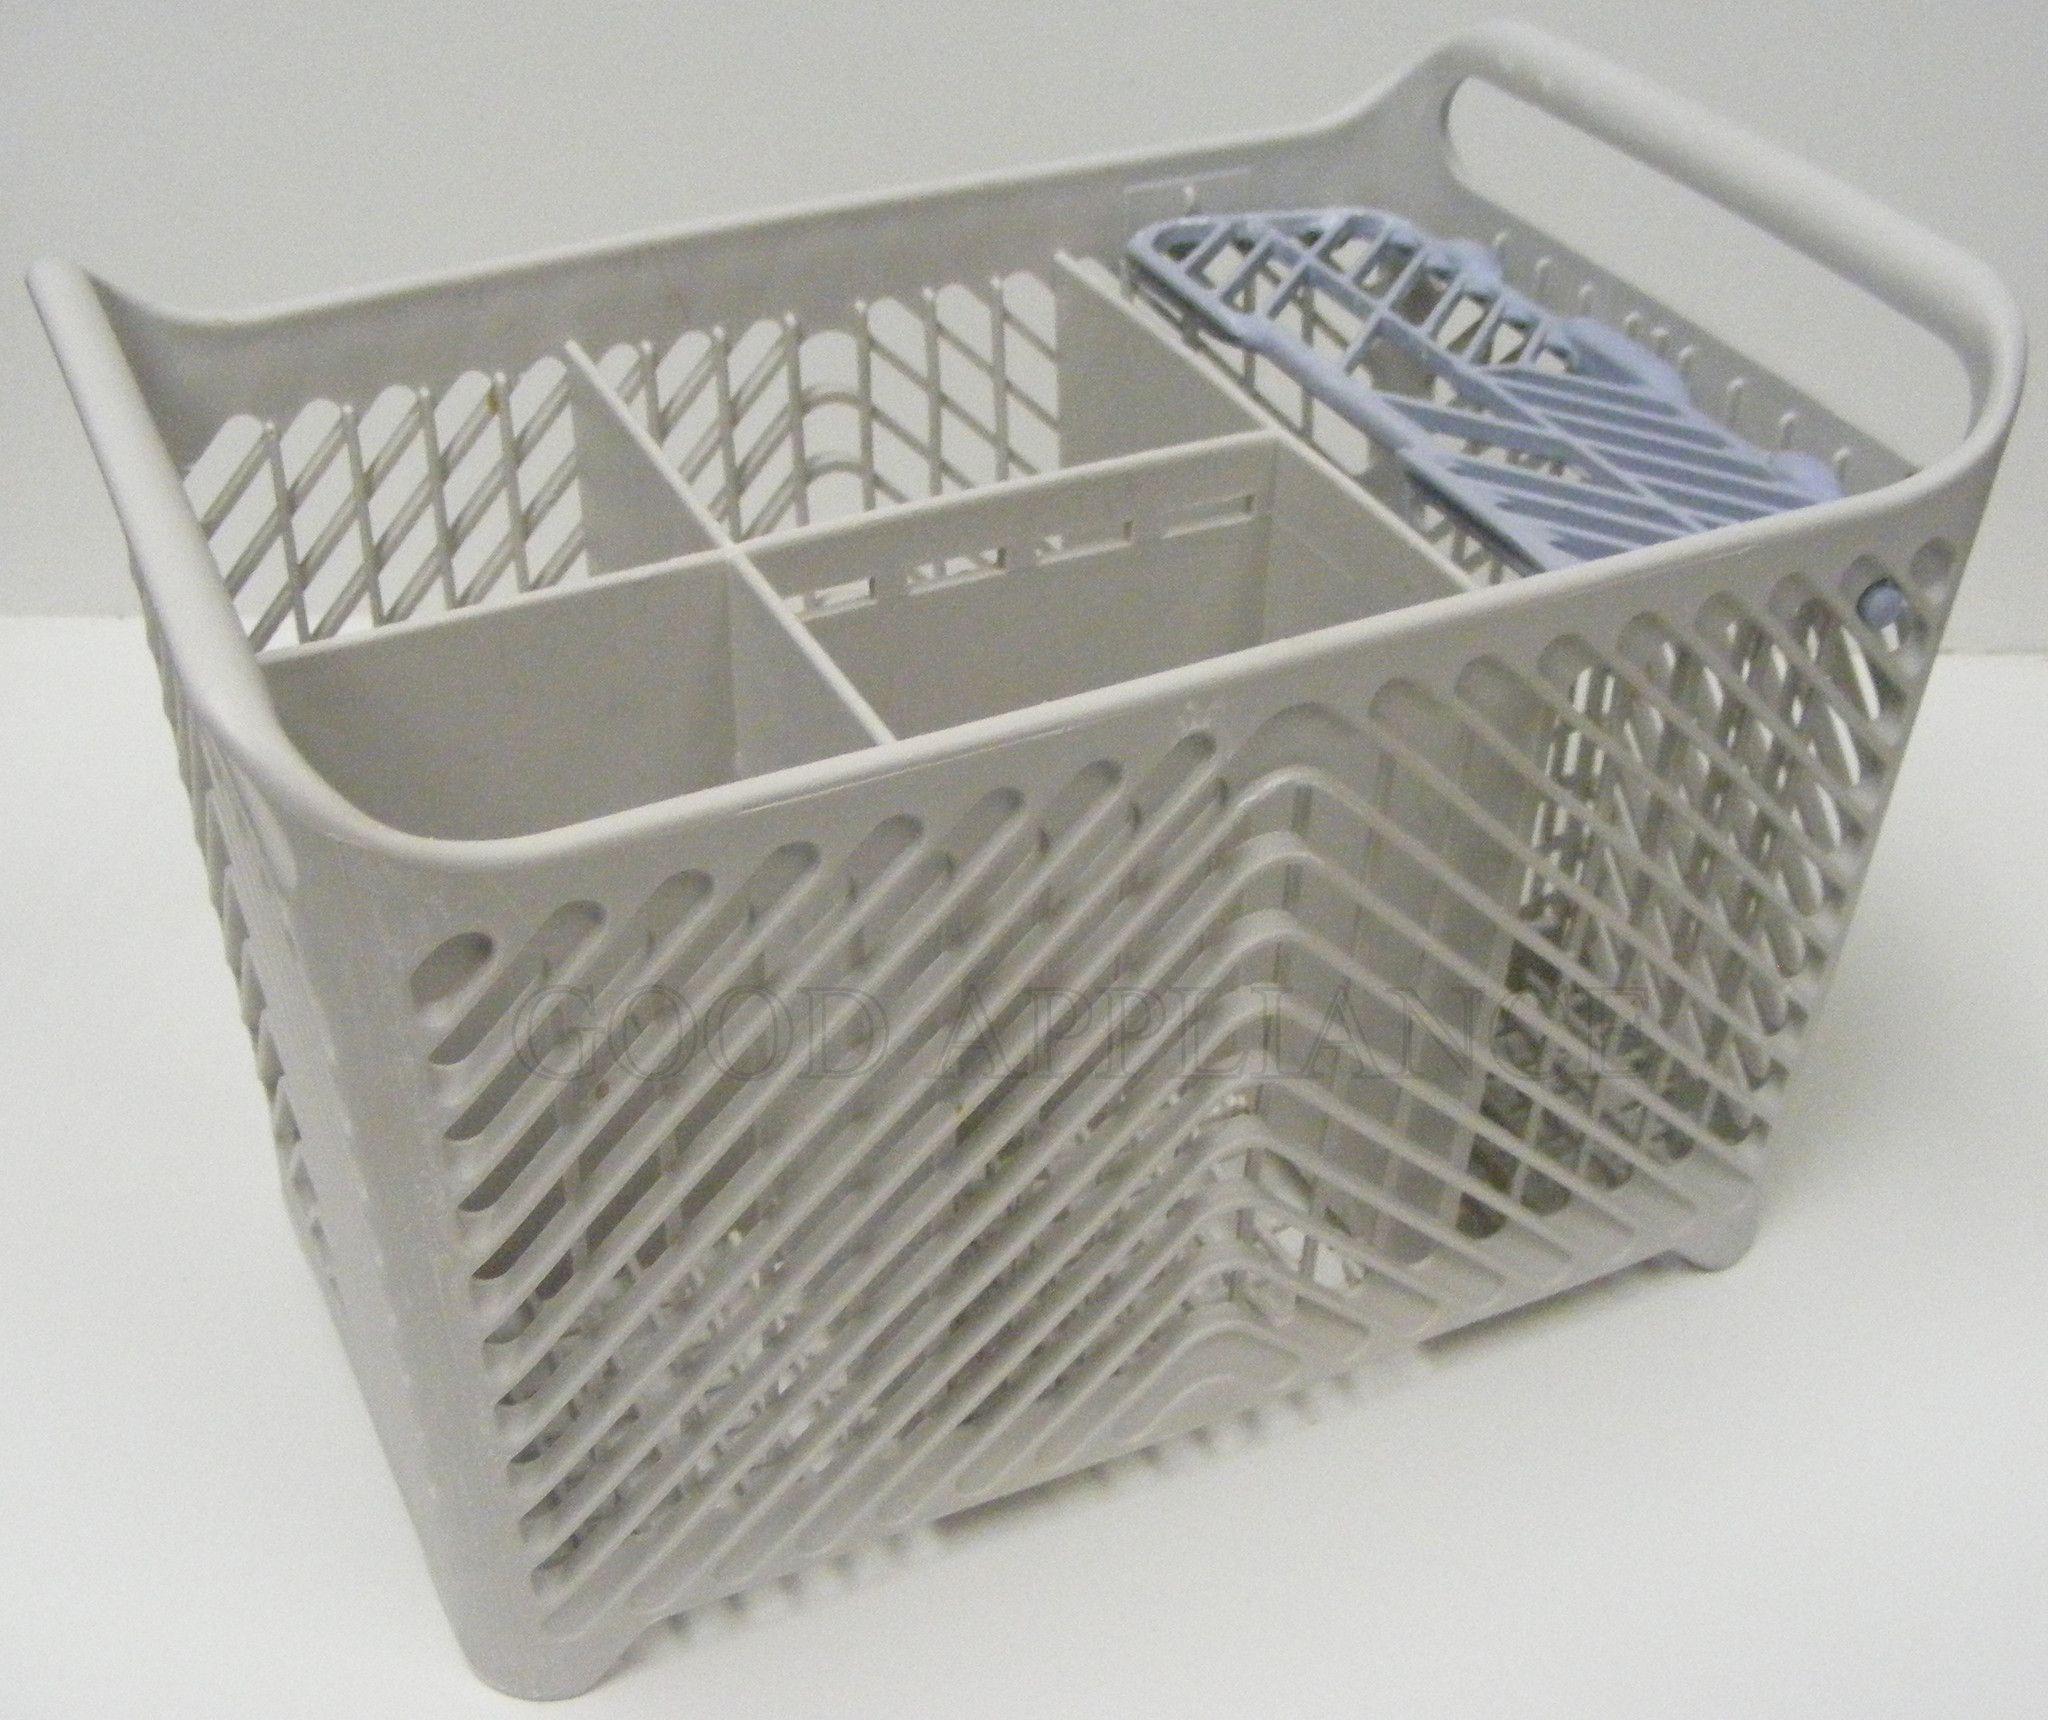 W10187636 6-918873 Maytag Whirlpool Dishwasher Silverware Basket